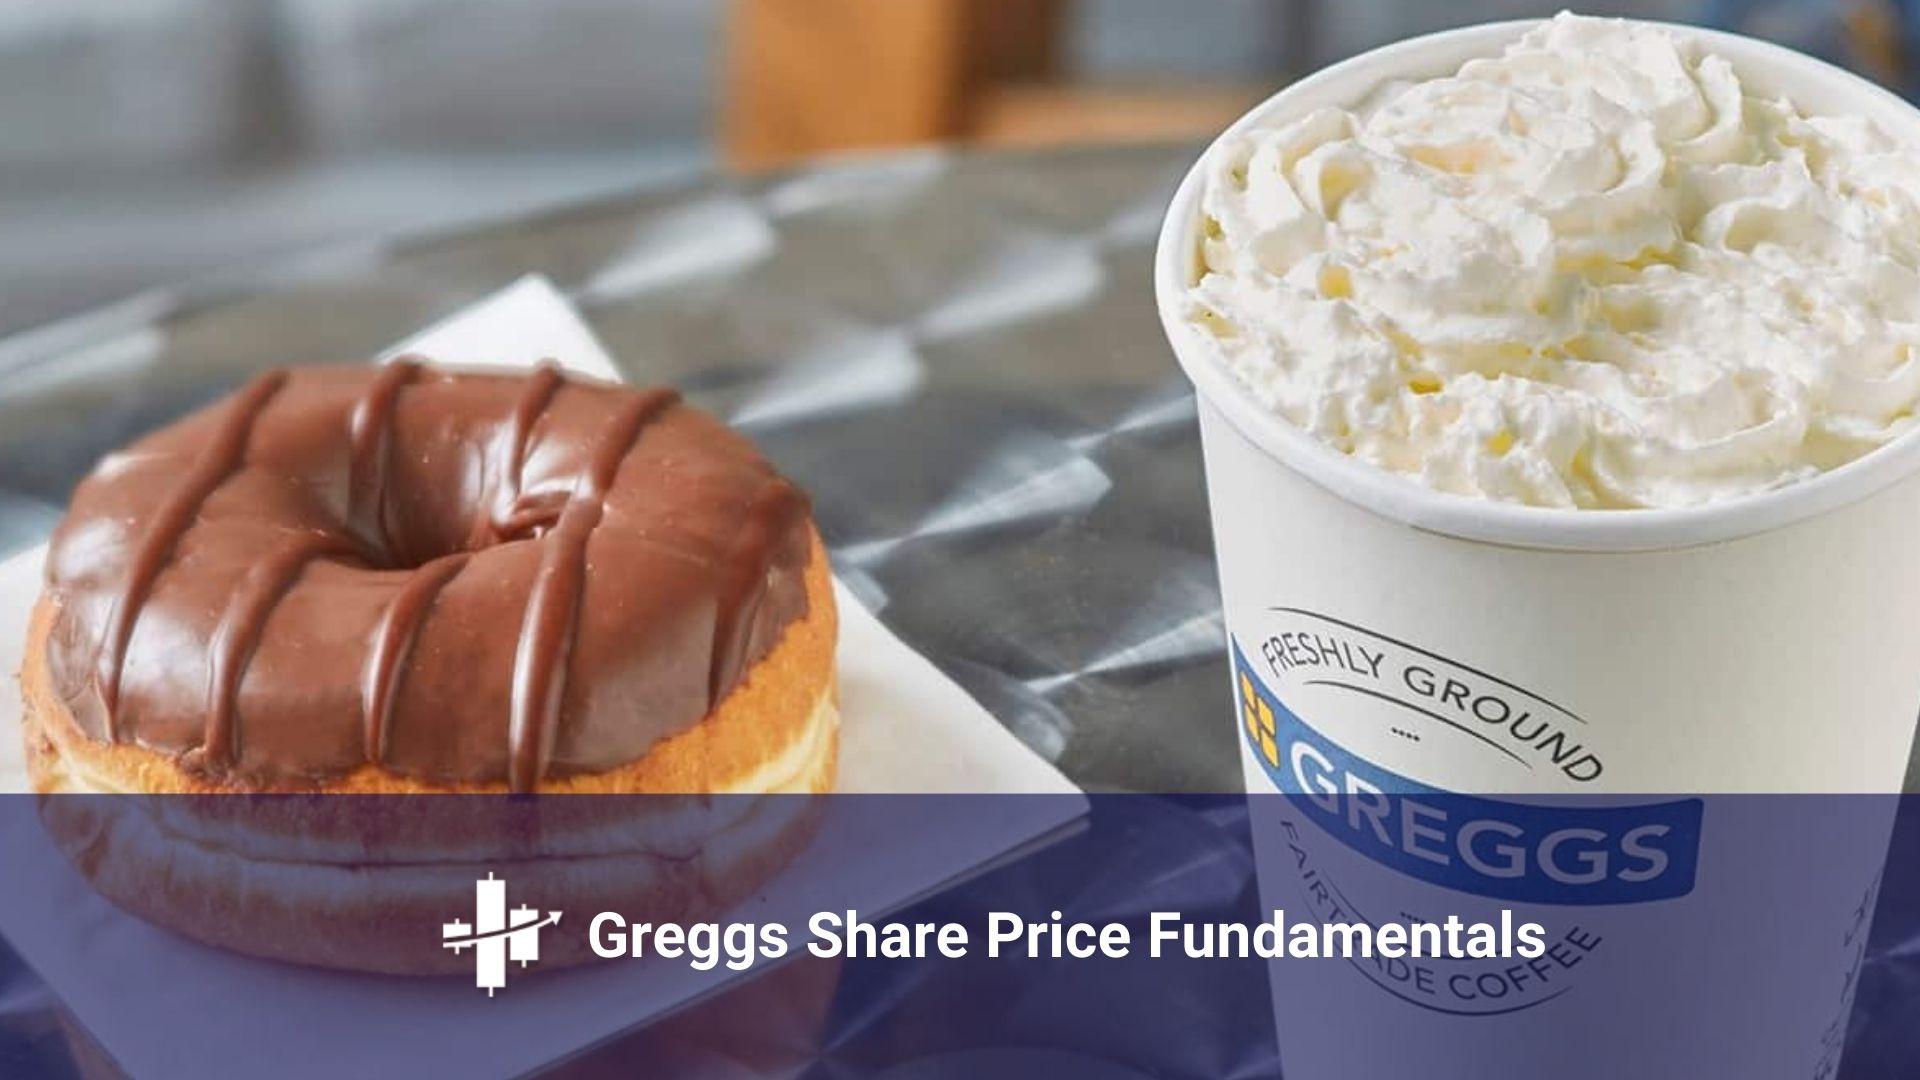 Greggs Share Price Fundamentals